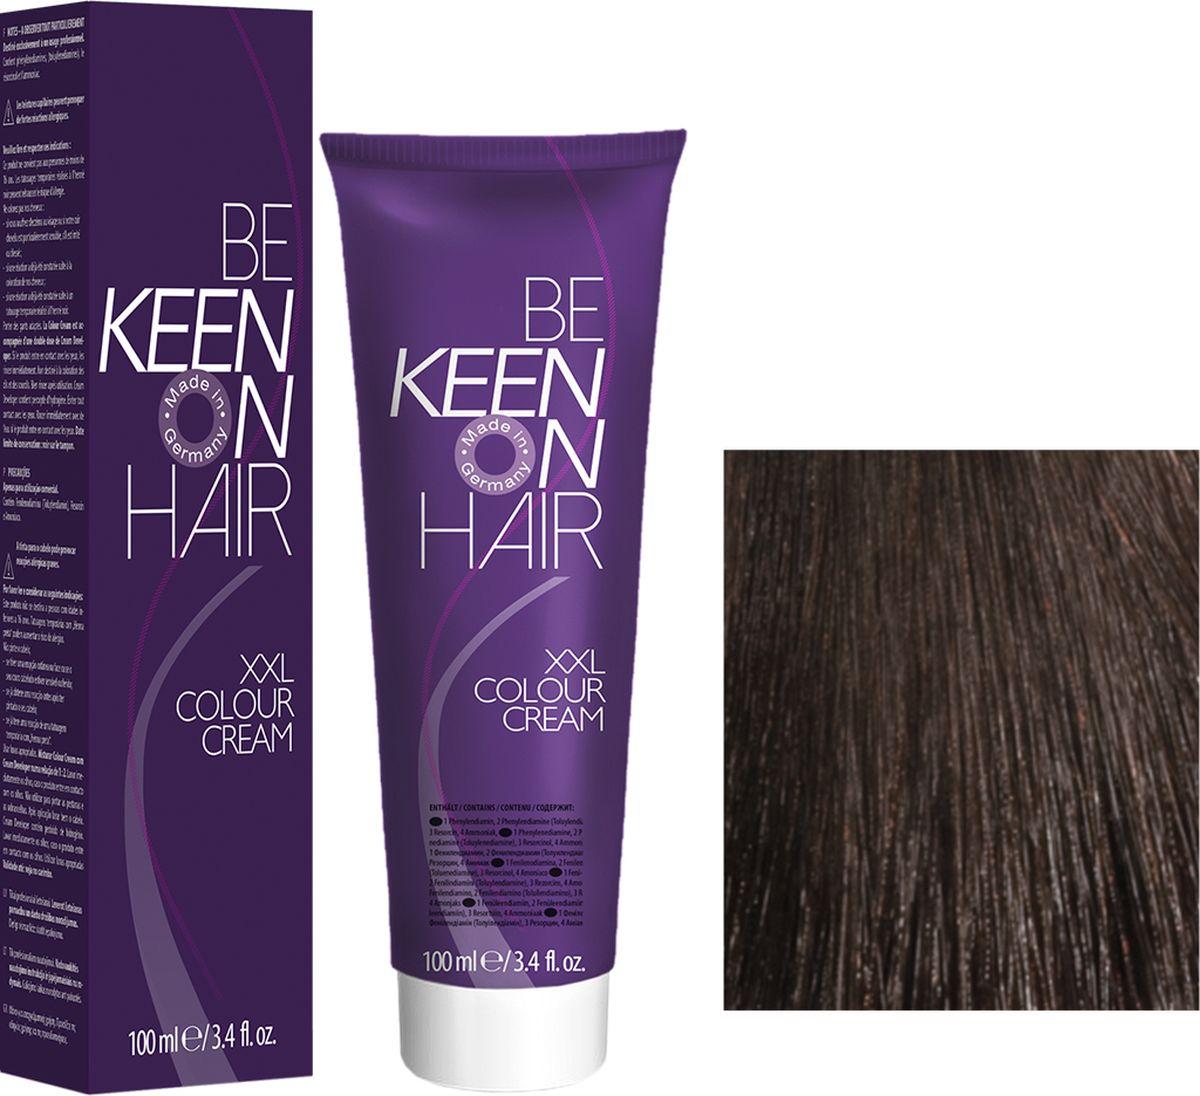 Keen Краска для волос 5.7 Шоколад Schoko, 100 мл69100029Модные оттенкиБолее 100 оттенков для креативной комбинации цветов.ЭкономичностьПри использовании тюбика 100 мл вы получаете оптимальное соотношение цены и качества!УходМолочный белок поддерживает структуру волоса во время окрашивания и придает волосам блеск и шелковистость. Протеины хорошо встраиваются в волосы и снабжают их влагой.